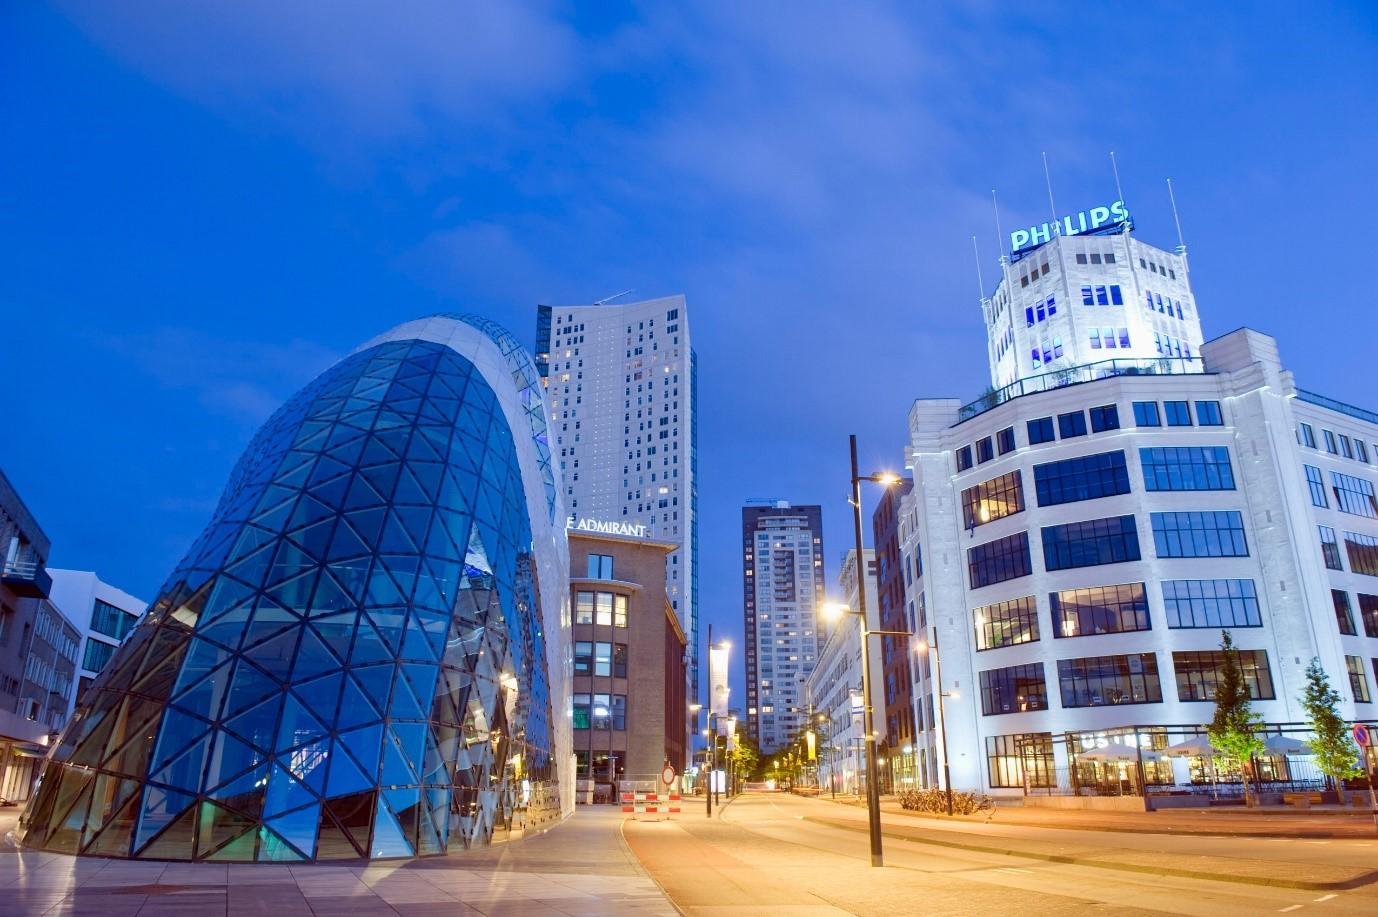 Hà Lan là nơi sở hữu vùng Brainport vốn nối tiếng về sáng tạo công nghệ cao